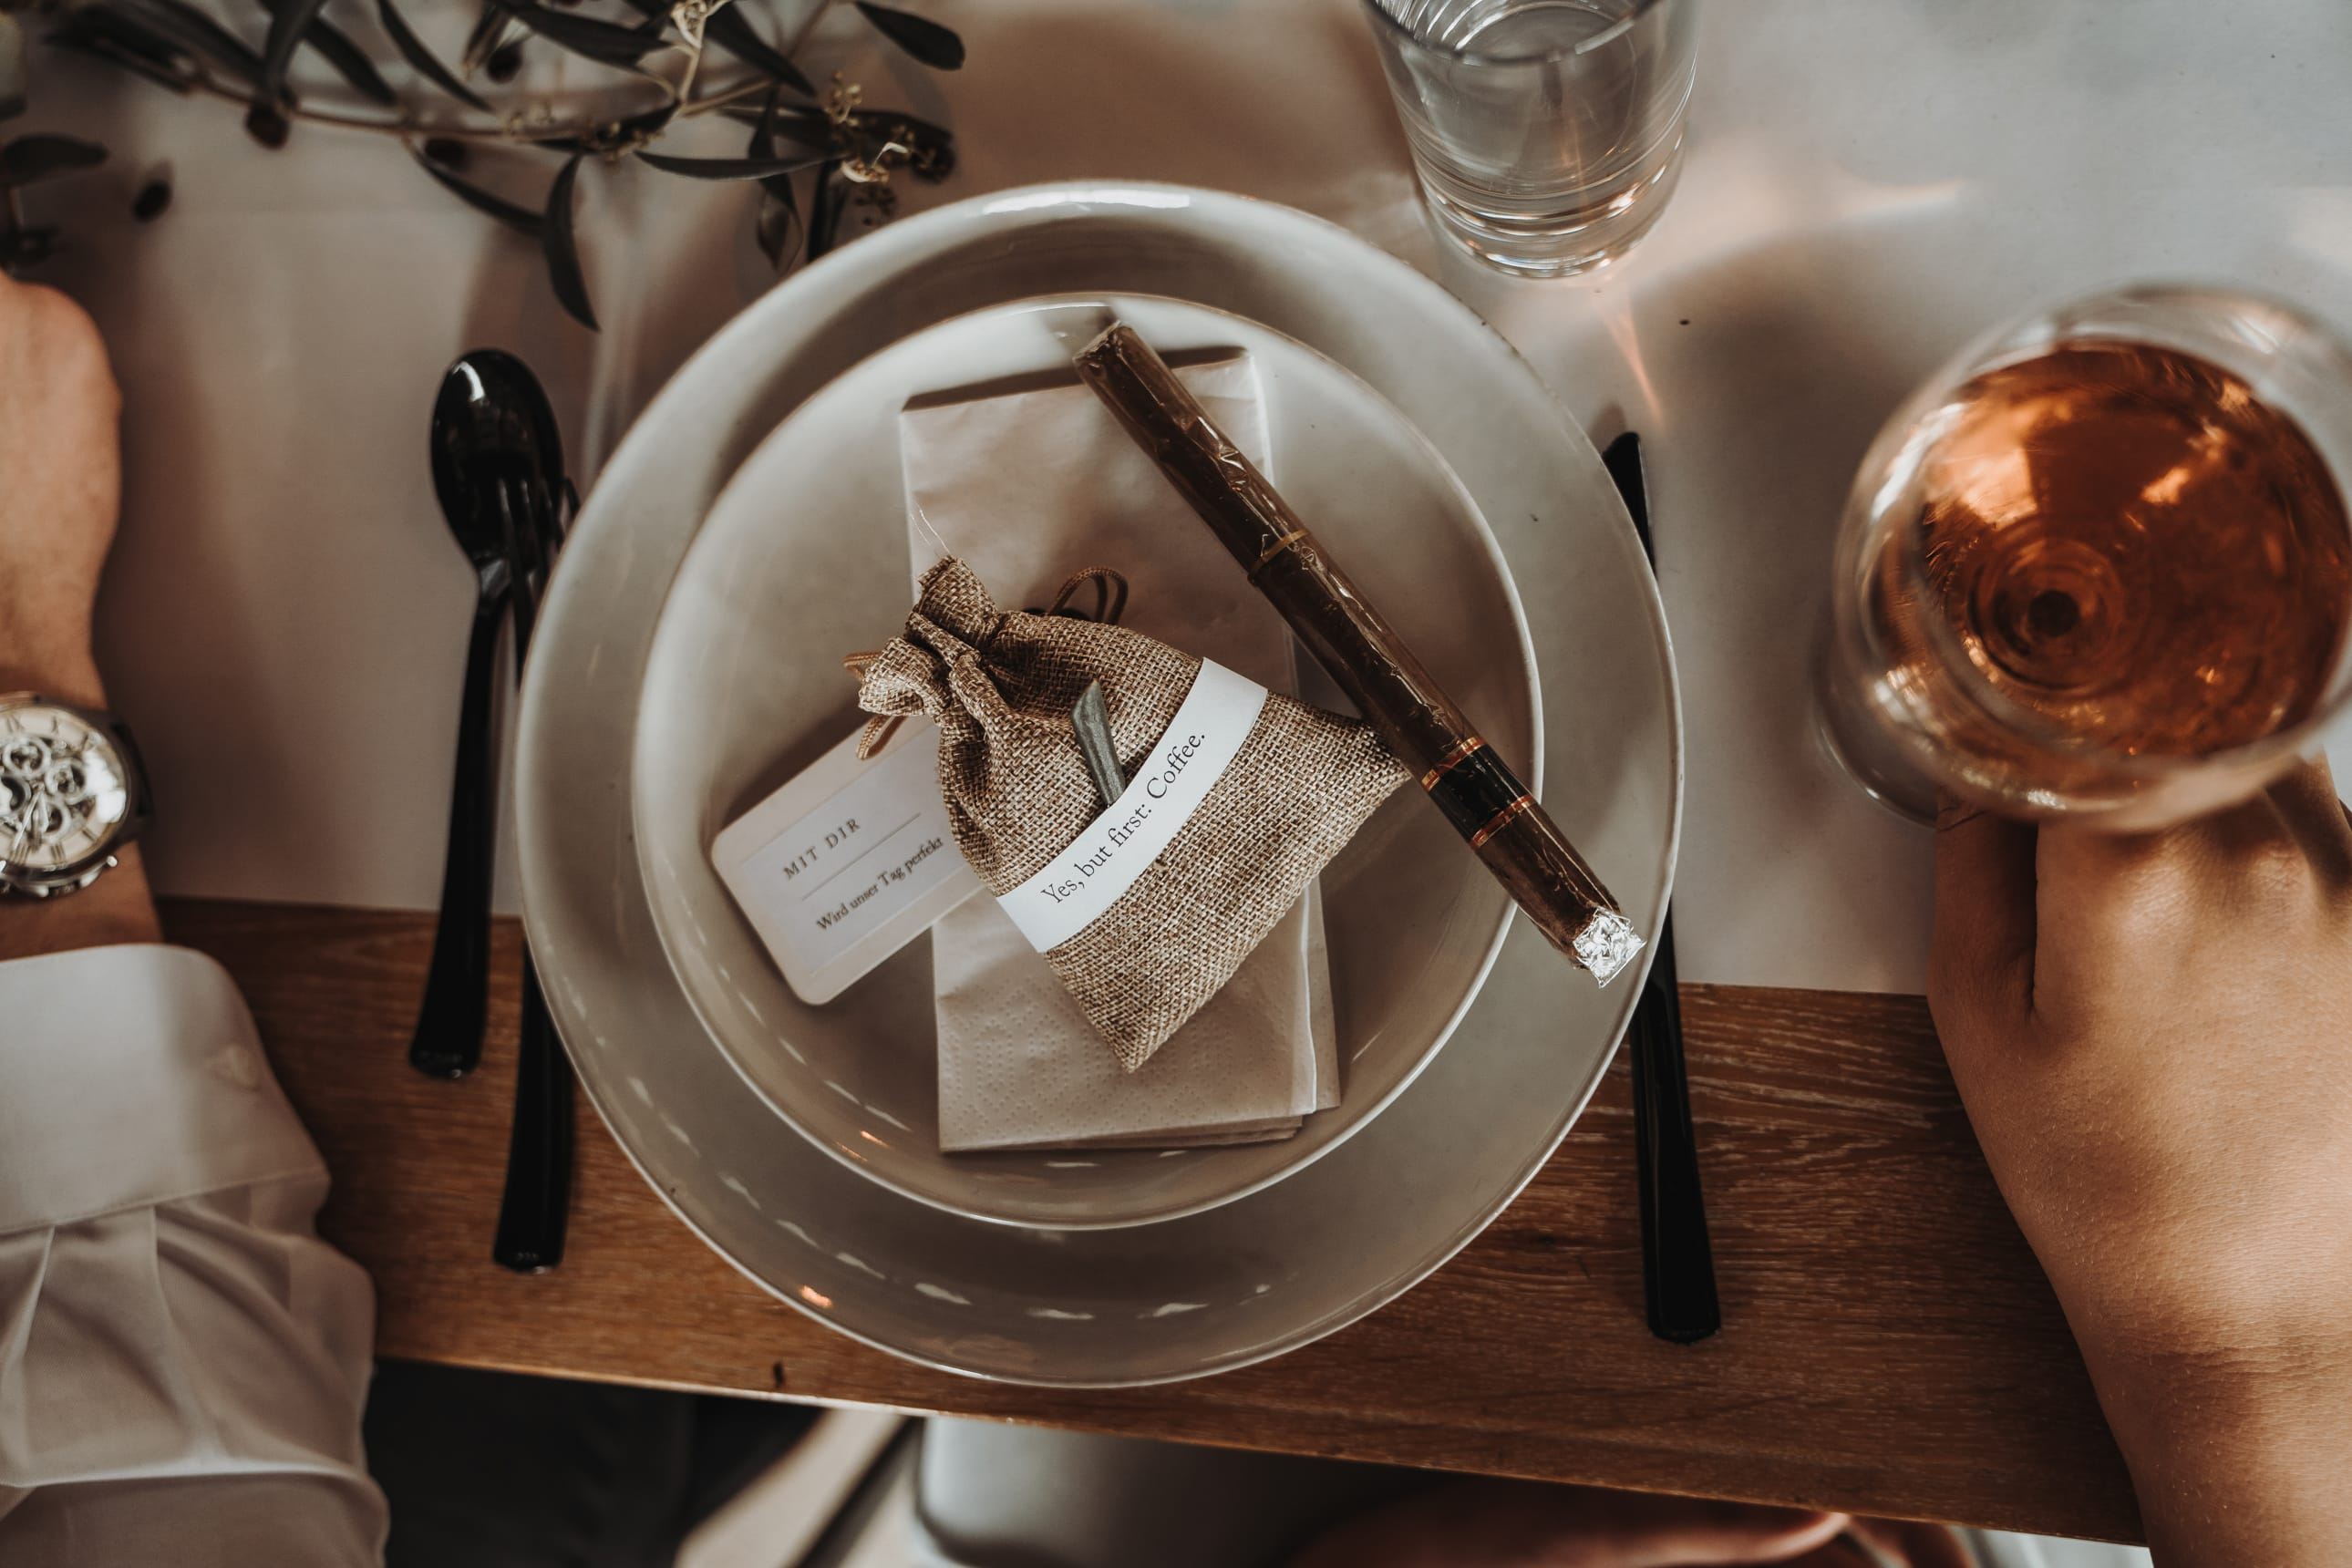 Tischdeko_Ideen_für_die_Hochzeit_mit_Kaffee_03